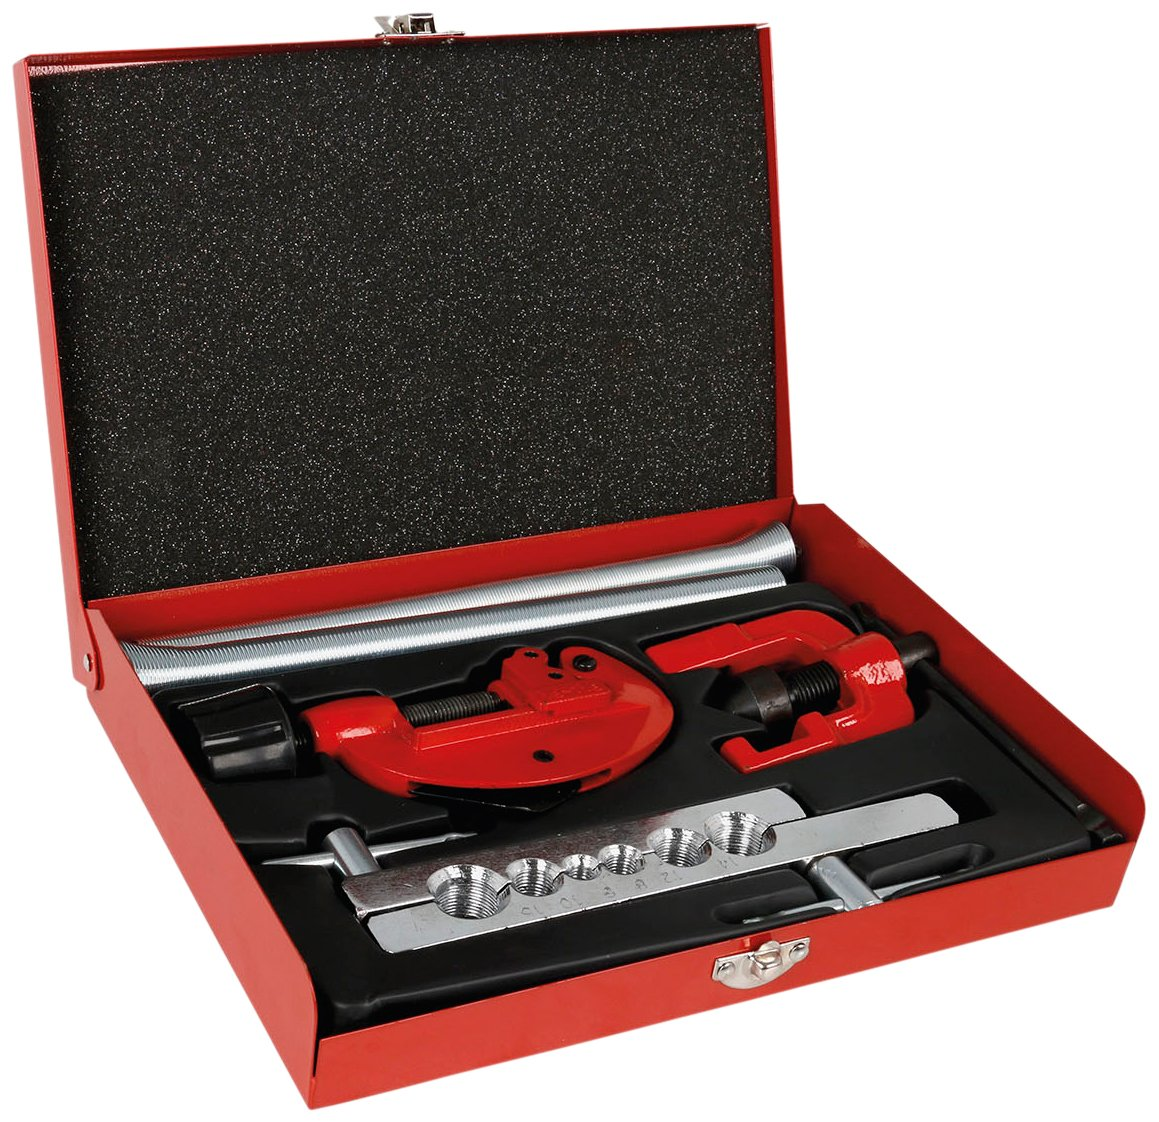 Cogex 54006 Plumber Kit - Pipe Cutter/Bracket/Bending Spring. Set of 6